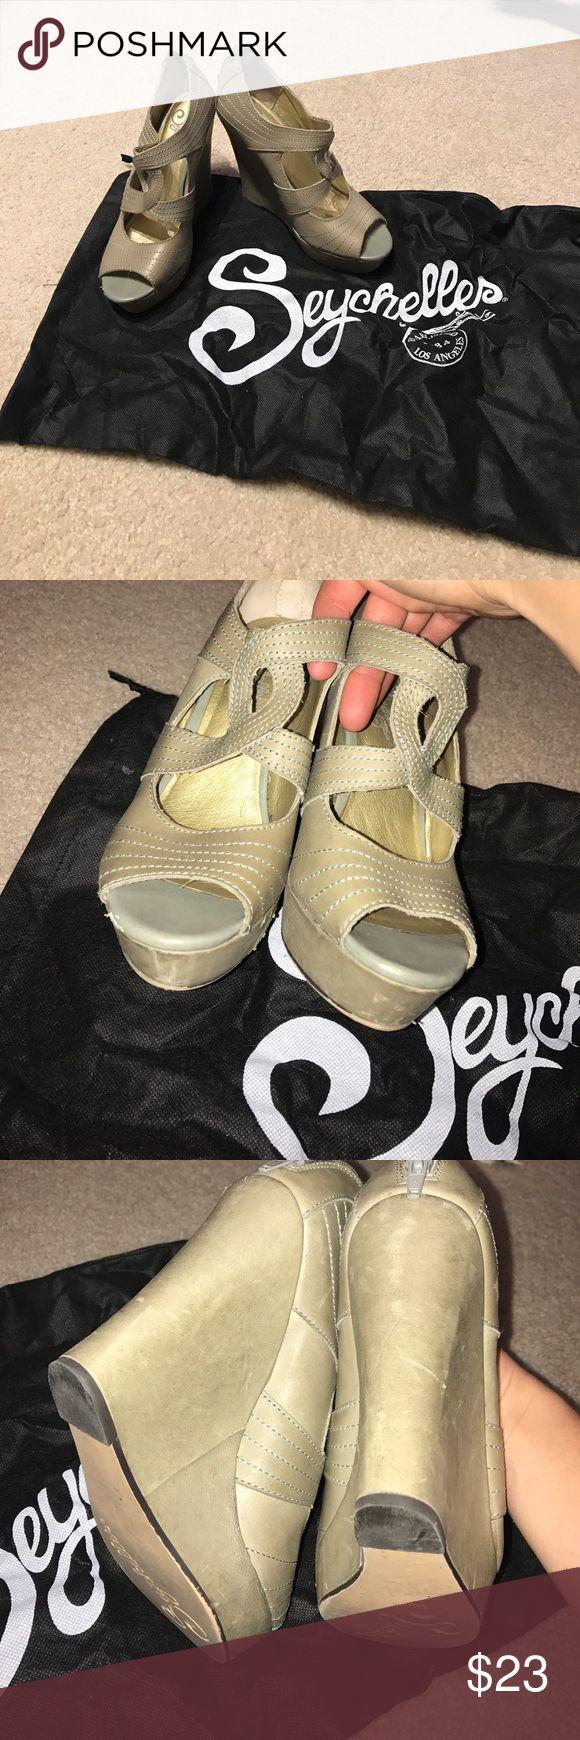 Selling this Seychelles wedges on Poshmark! My username is: amanda87maria. #shopmycloset #poshmark #fashion #shopping #style #forsale #Seychelles #Shoes